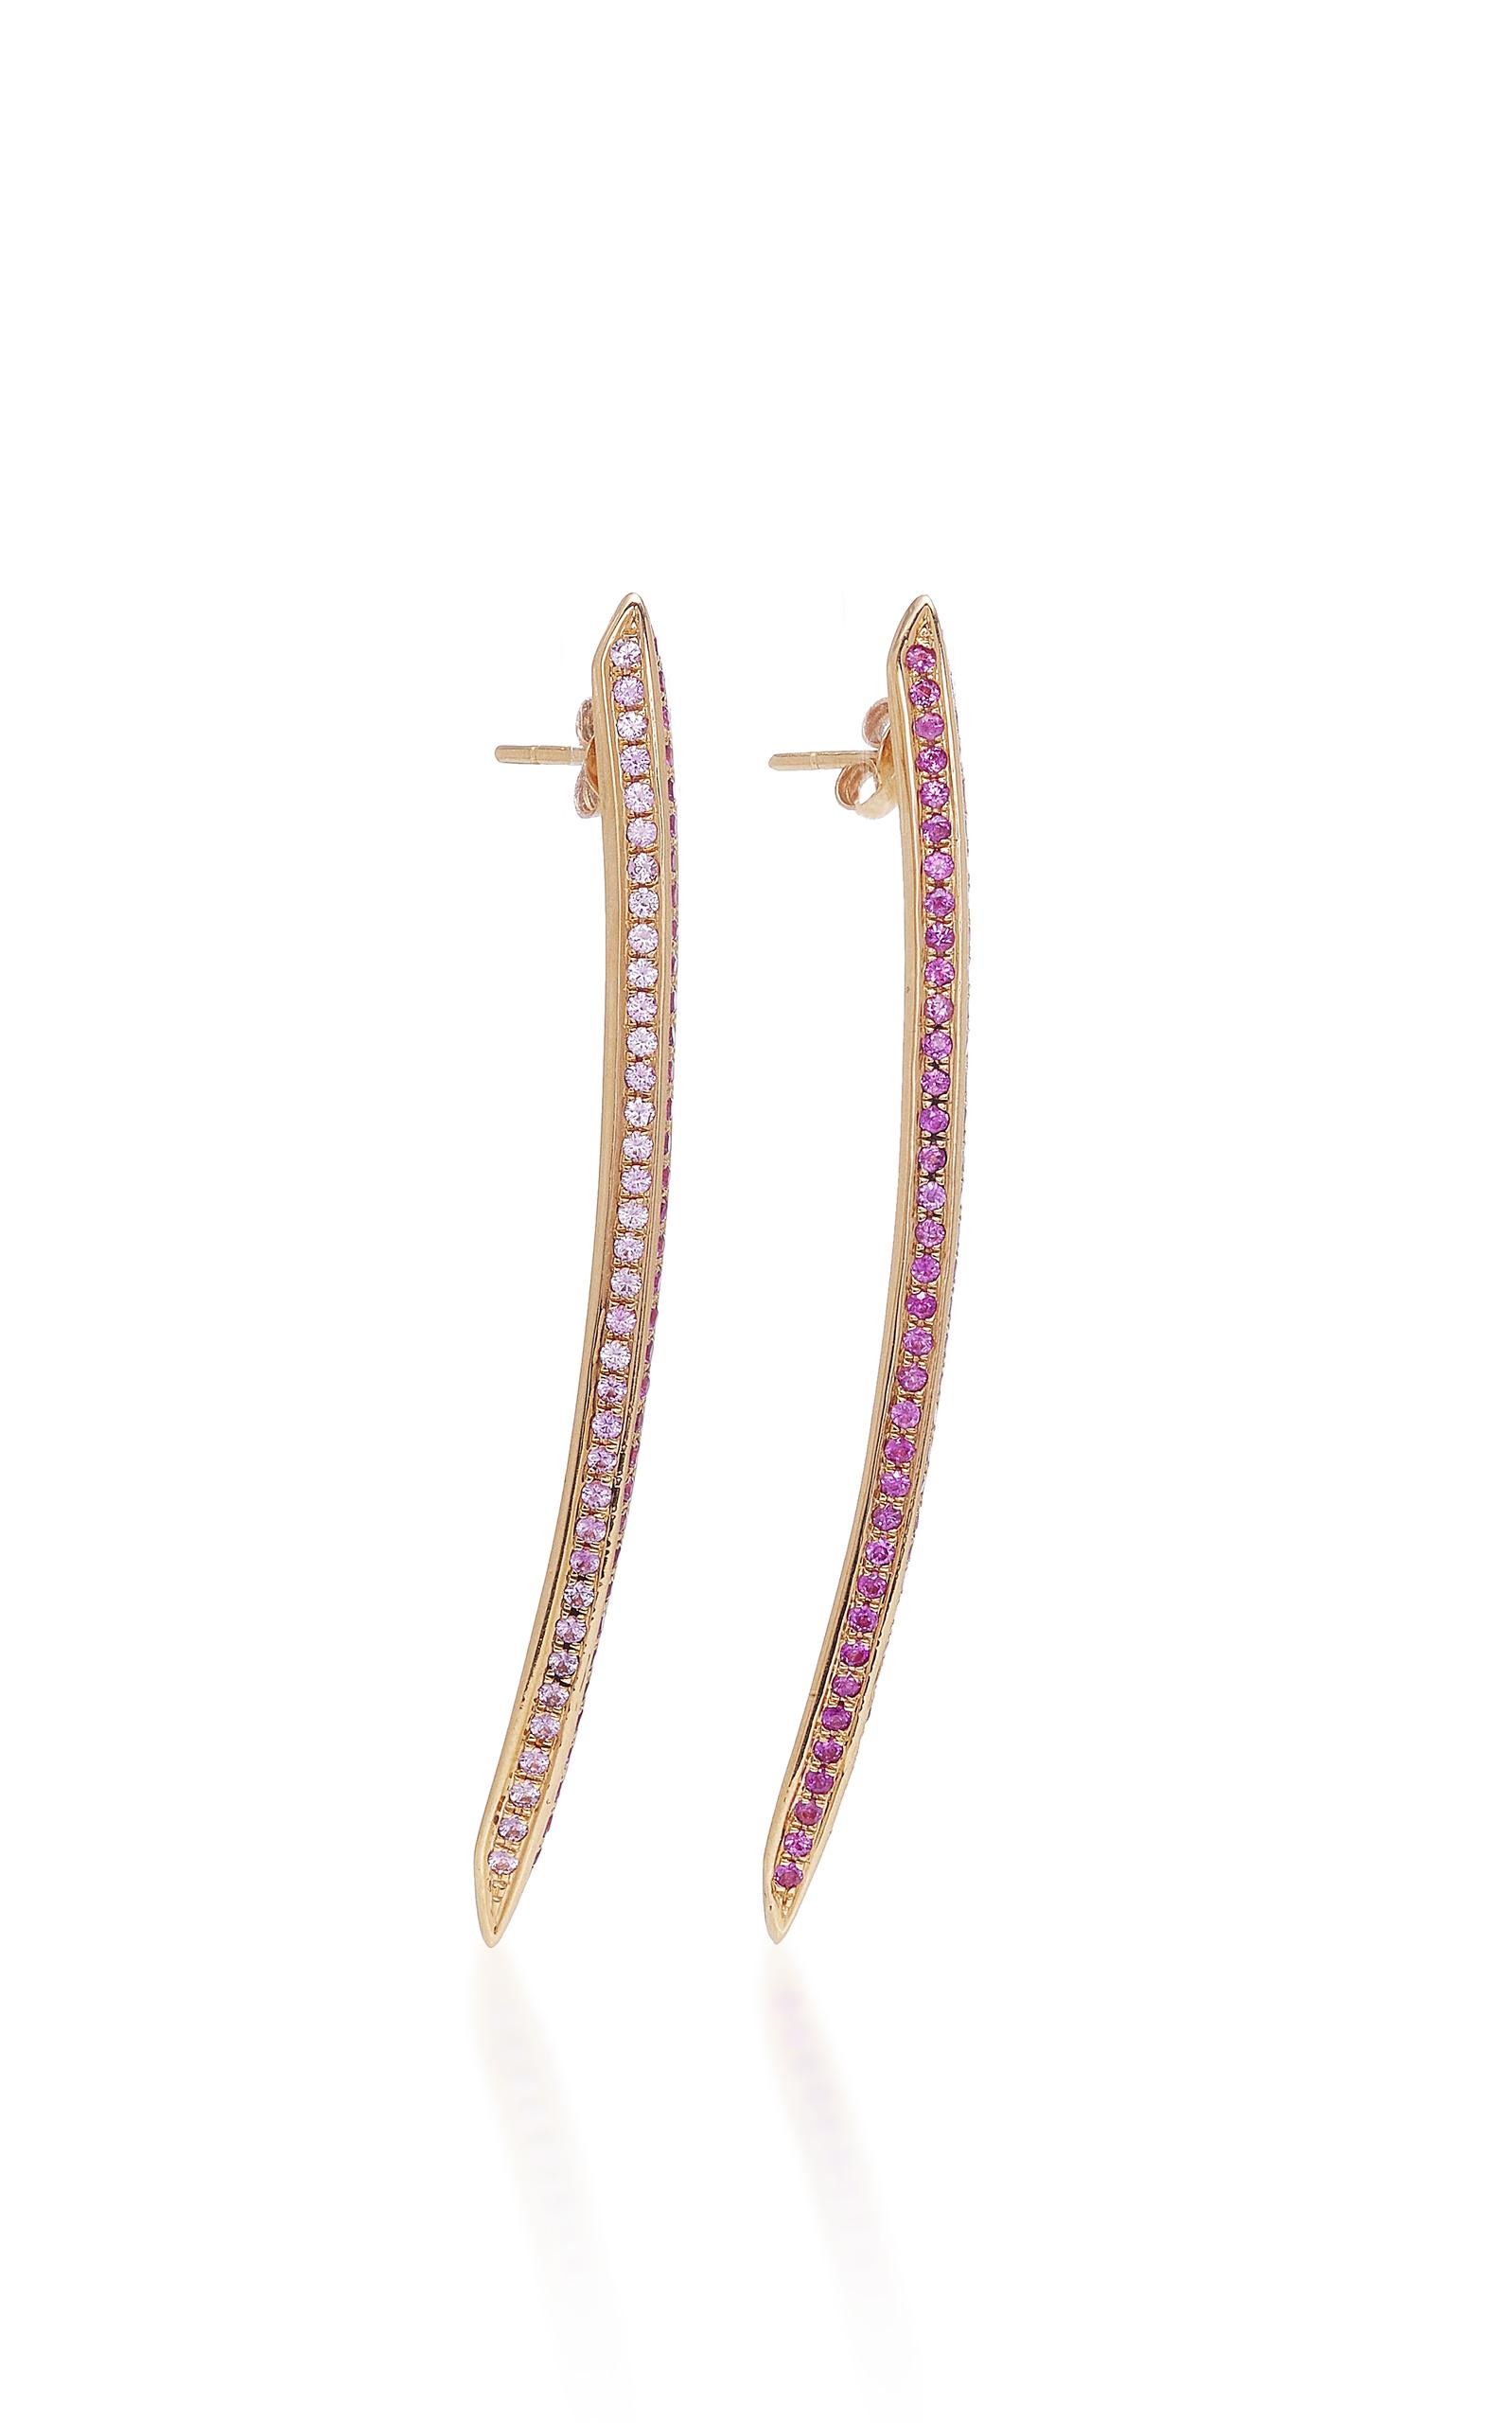 RALPH MASRI SAPPHIRE SWORD EARRINGS